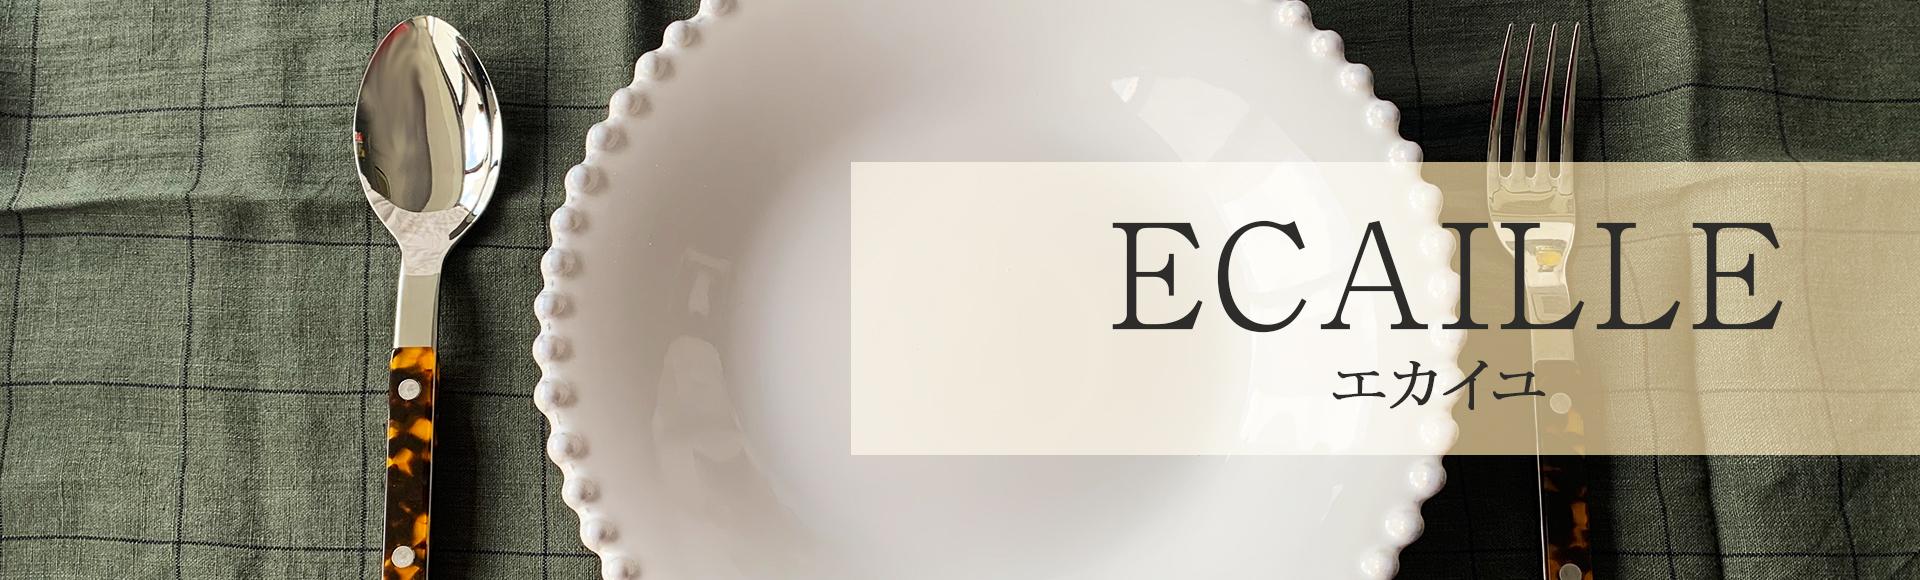 フランスのカトラリーブランドSABREの、透明感のあるべっ甲の美しい柄が特徴的なEcailleシリーズ。光によって印象を変える、スマートで上品なカトラリーです。